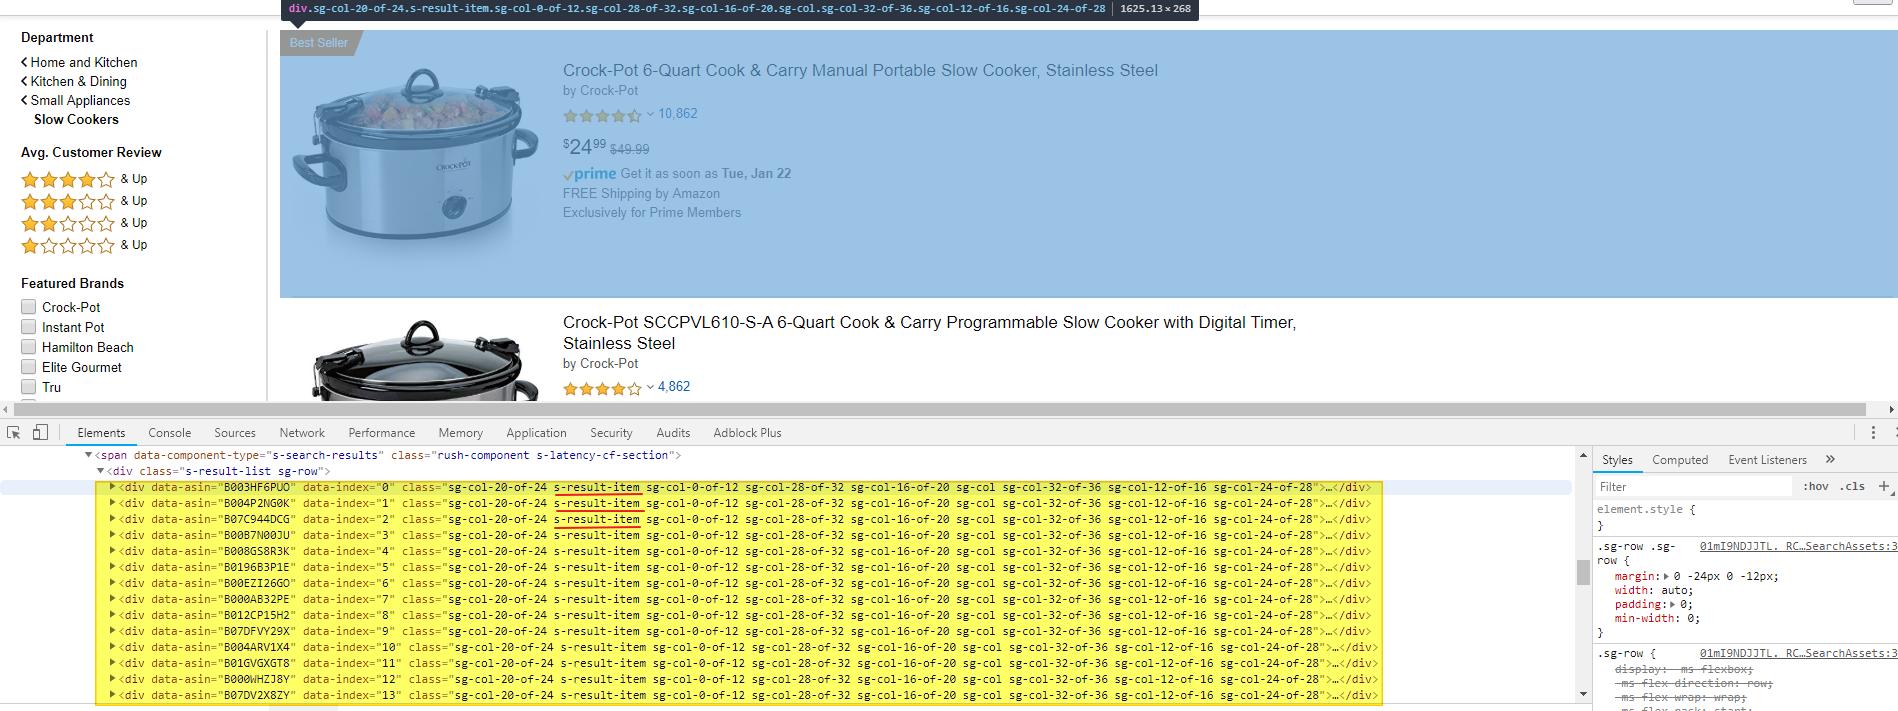 CSS селектор для листингов Amazon